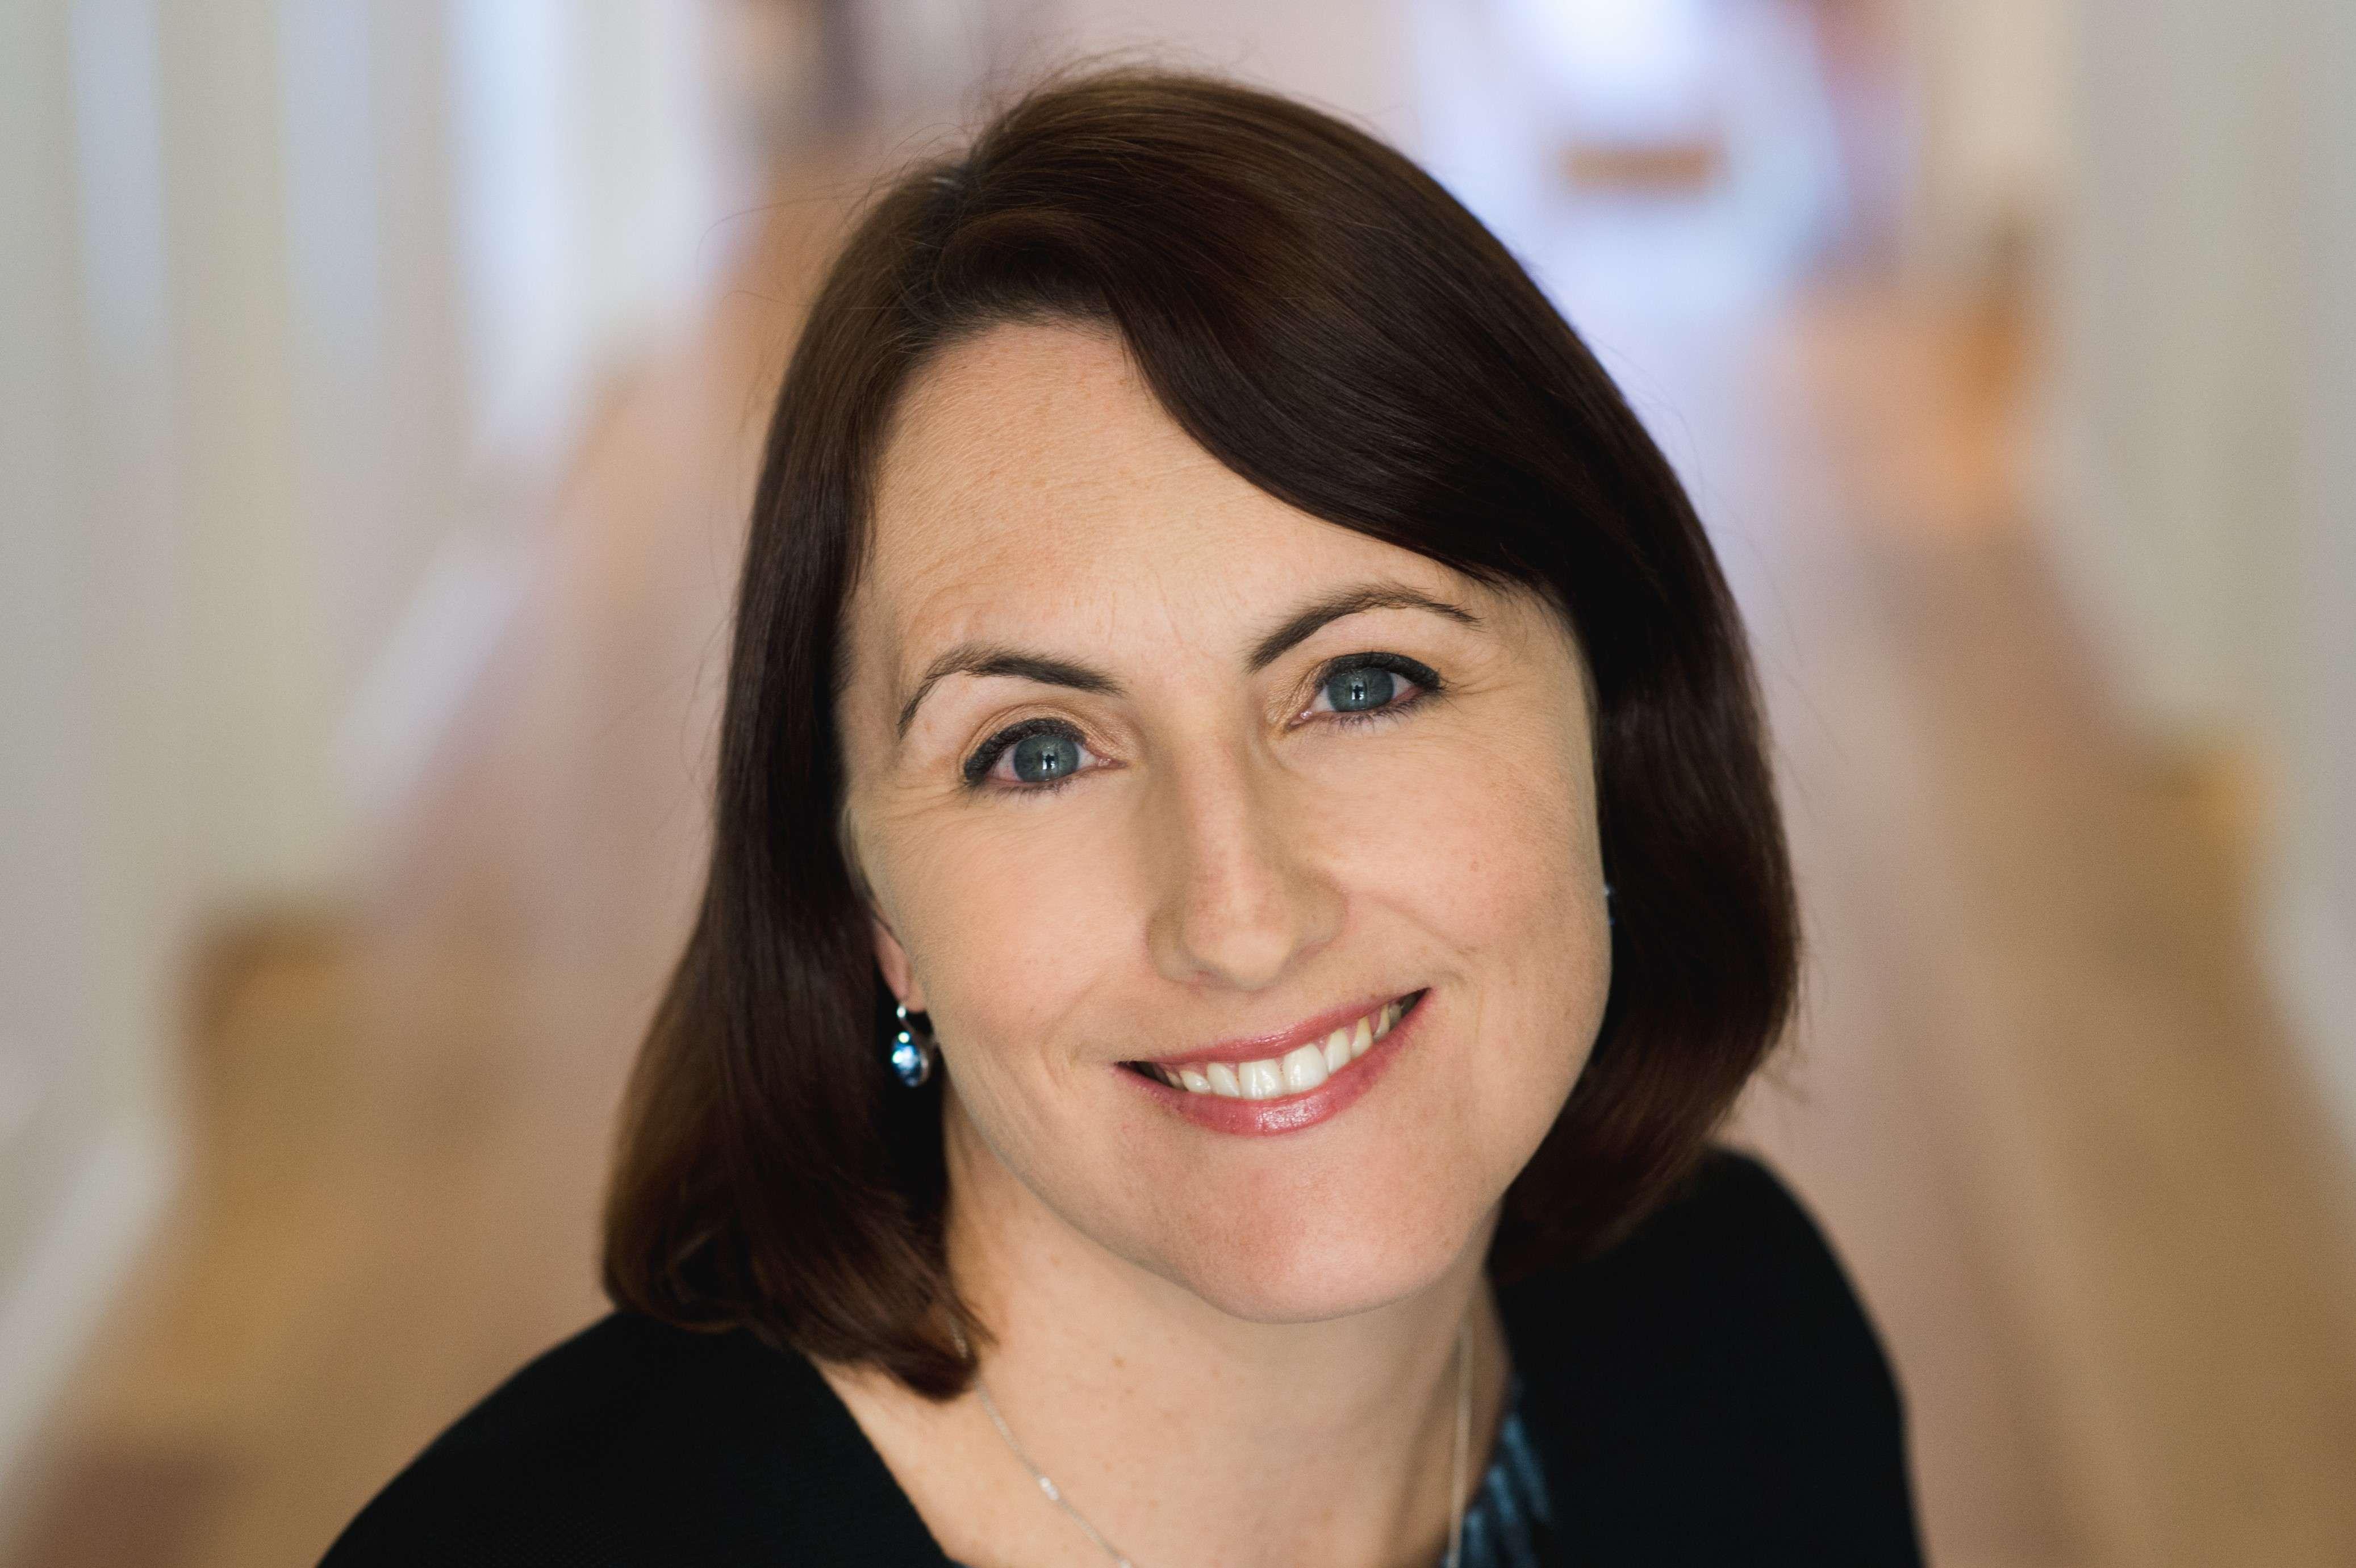 Dr Emma Haverhoek, Dermatologist